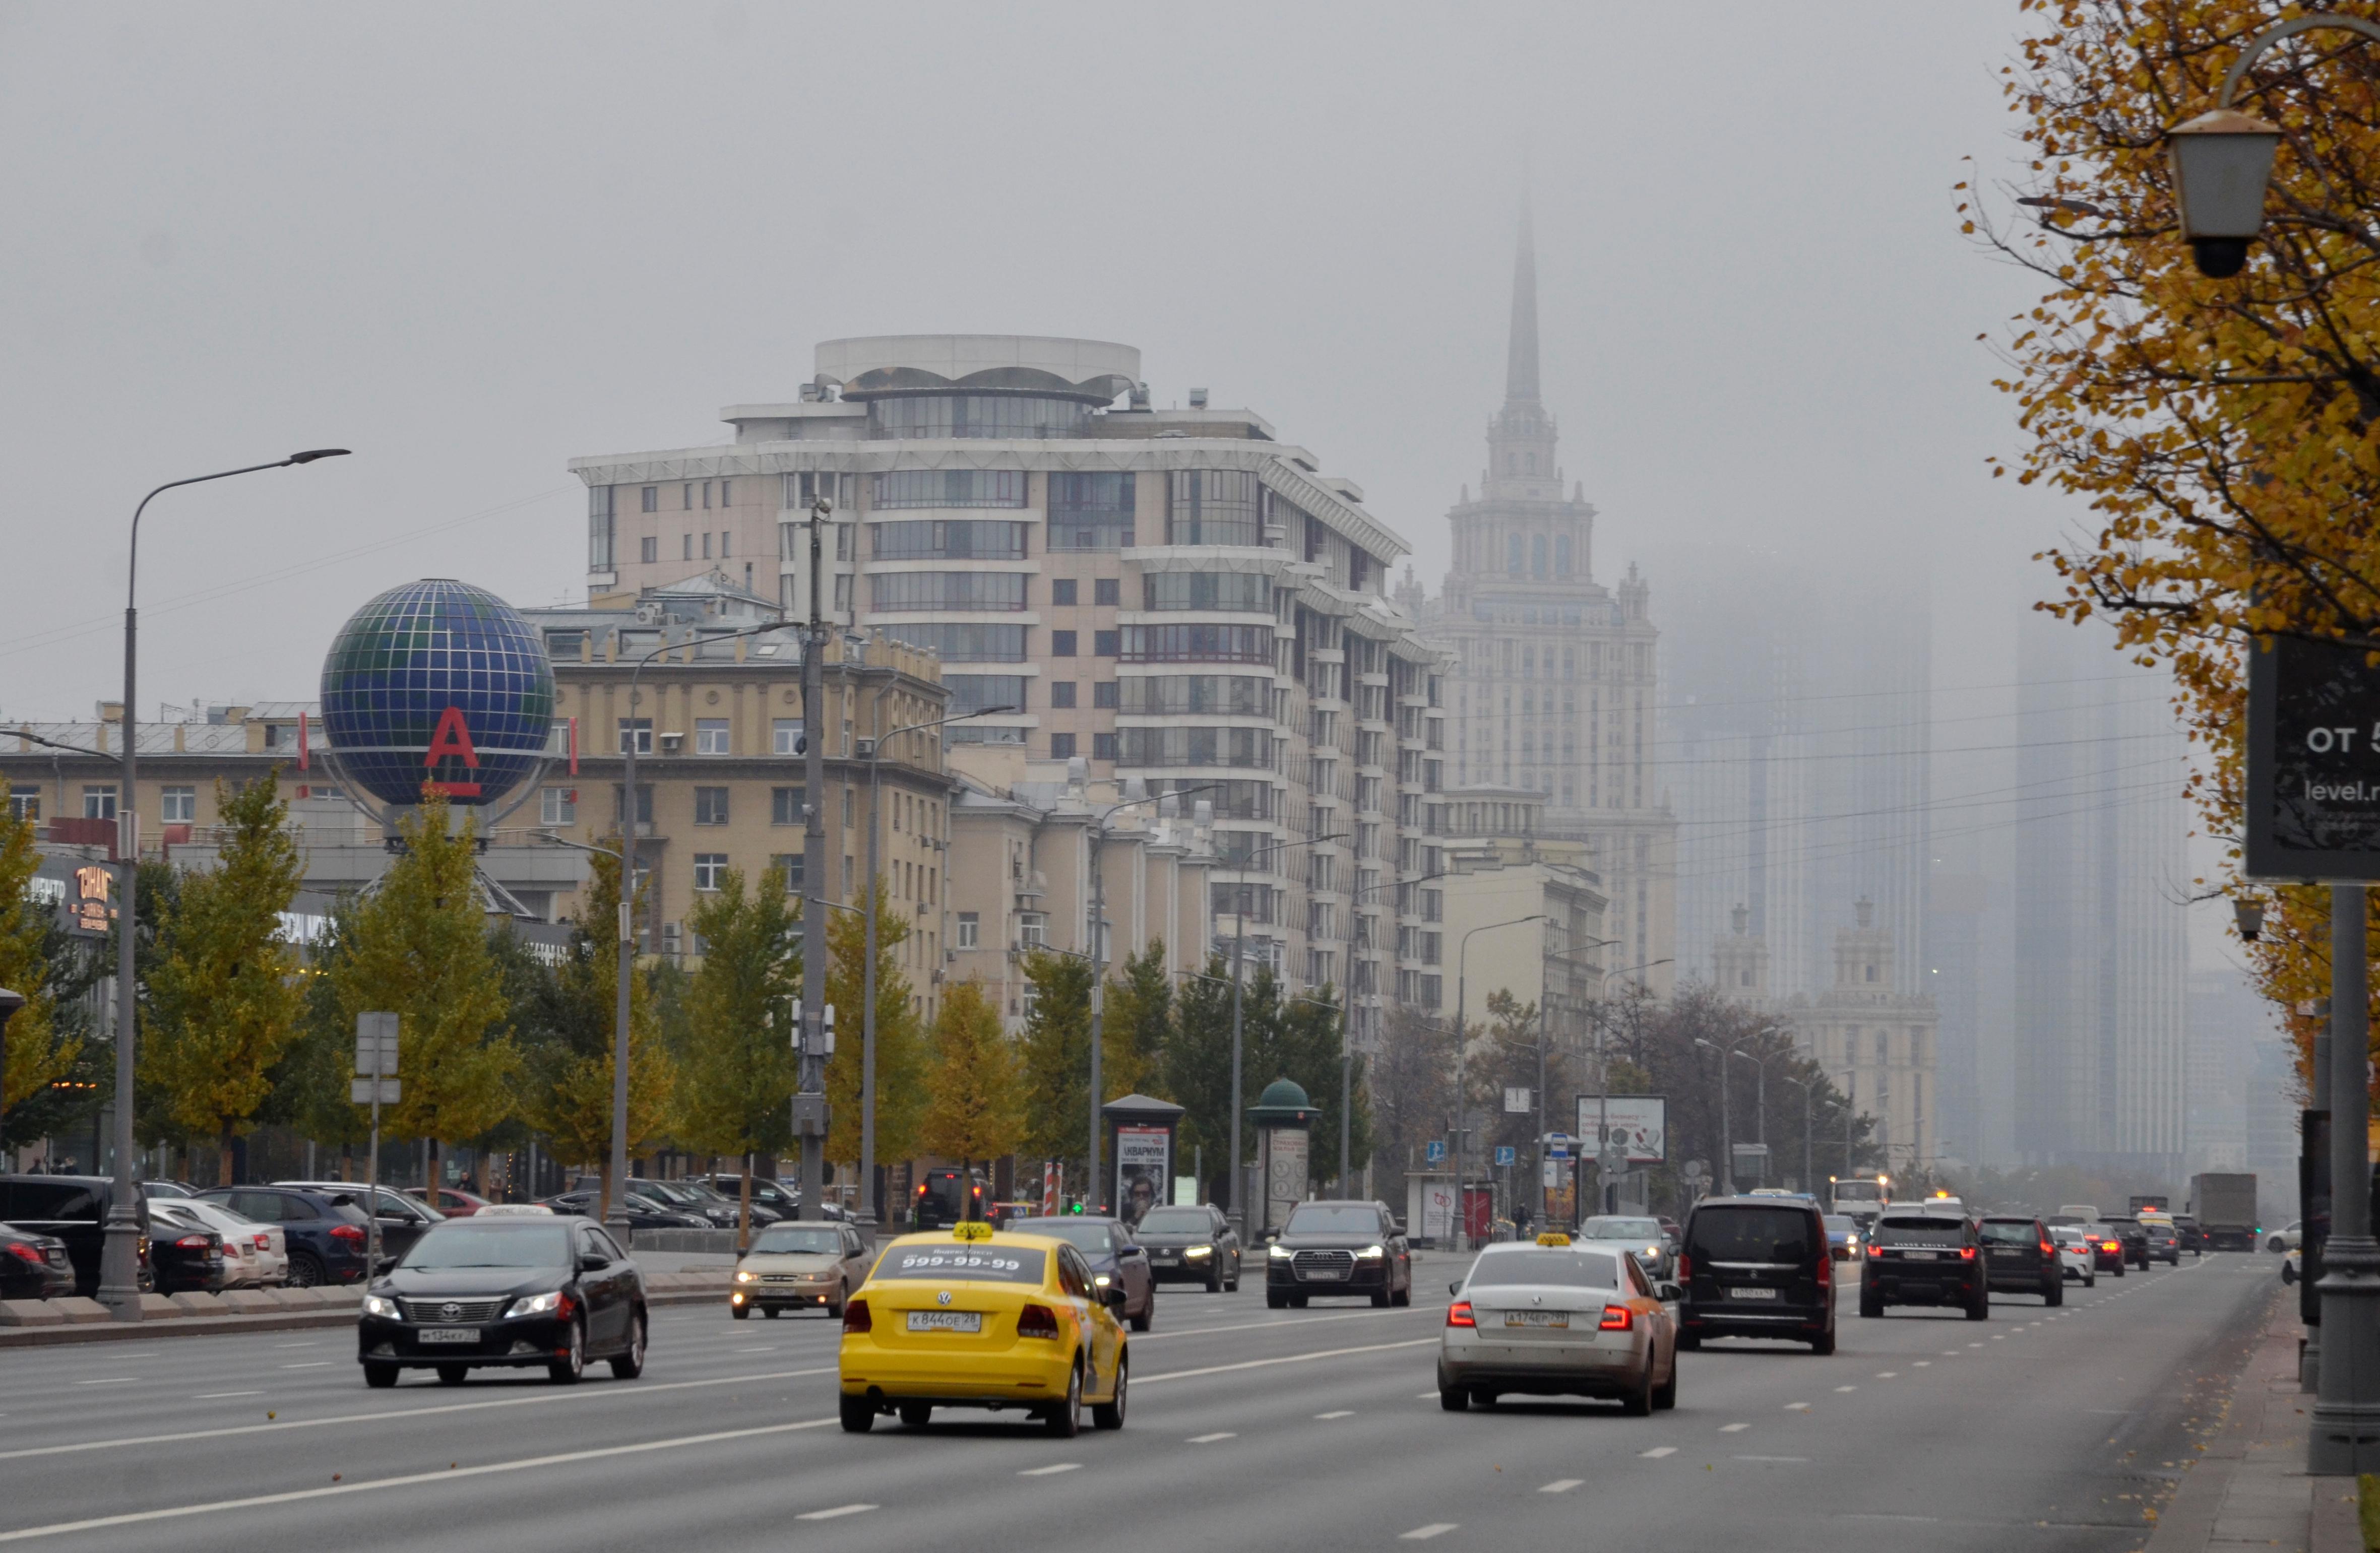 Продолжается активное развитие транспортного каркаса Москвы. Фото: Анна Быкова